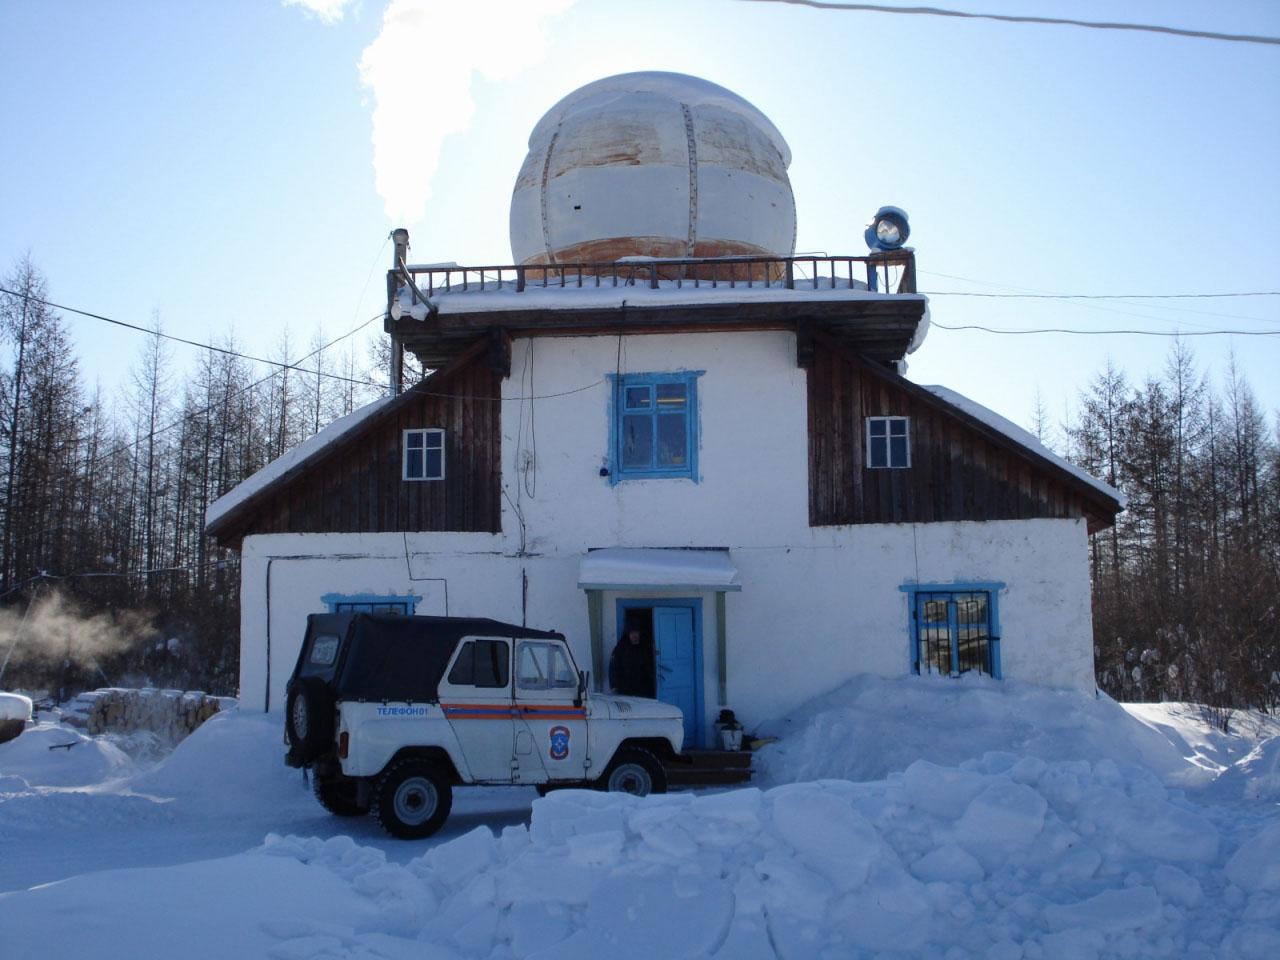 Бывшая метеостанция, построена во время возведения аэропорта Сеймчан для обеспечения трассы Алсиба.